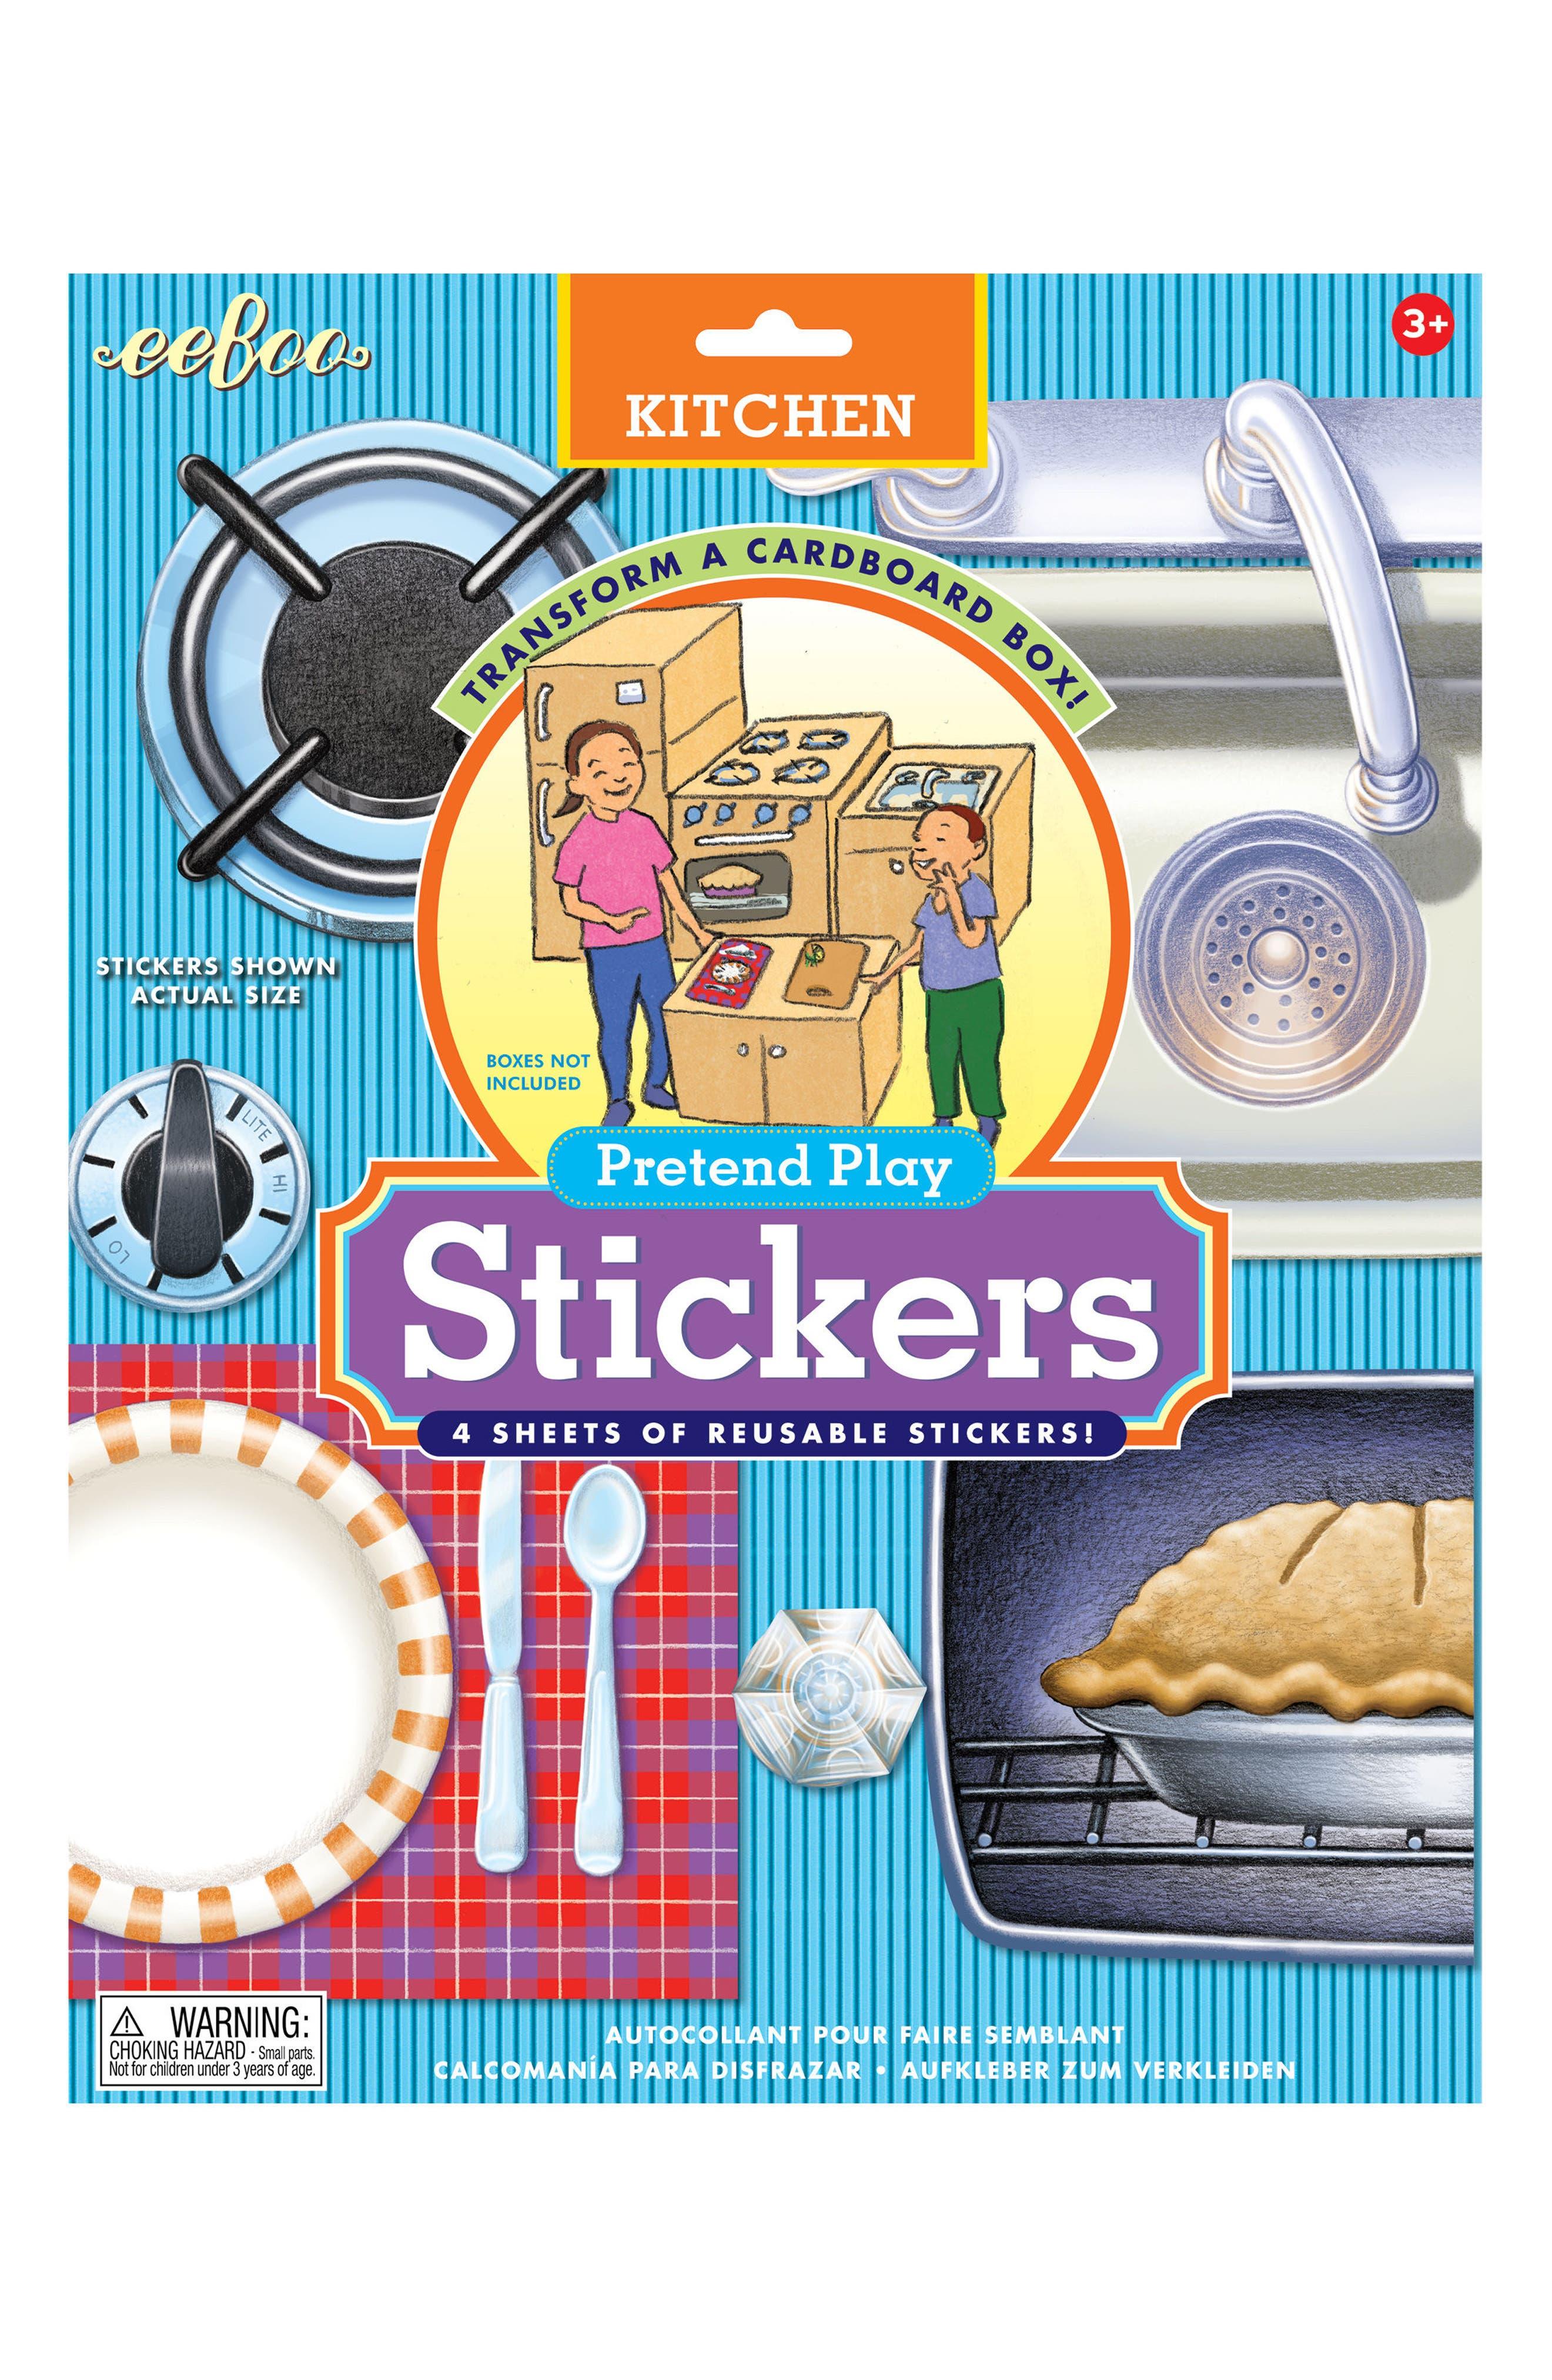 eeBoo Cardboard Box Kitchen Sticker Set